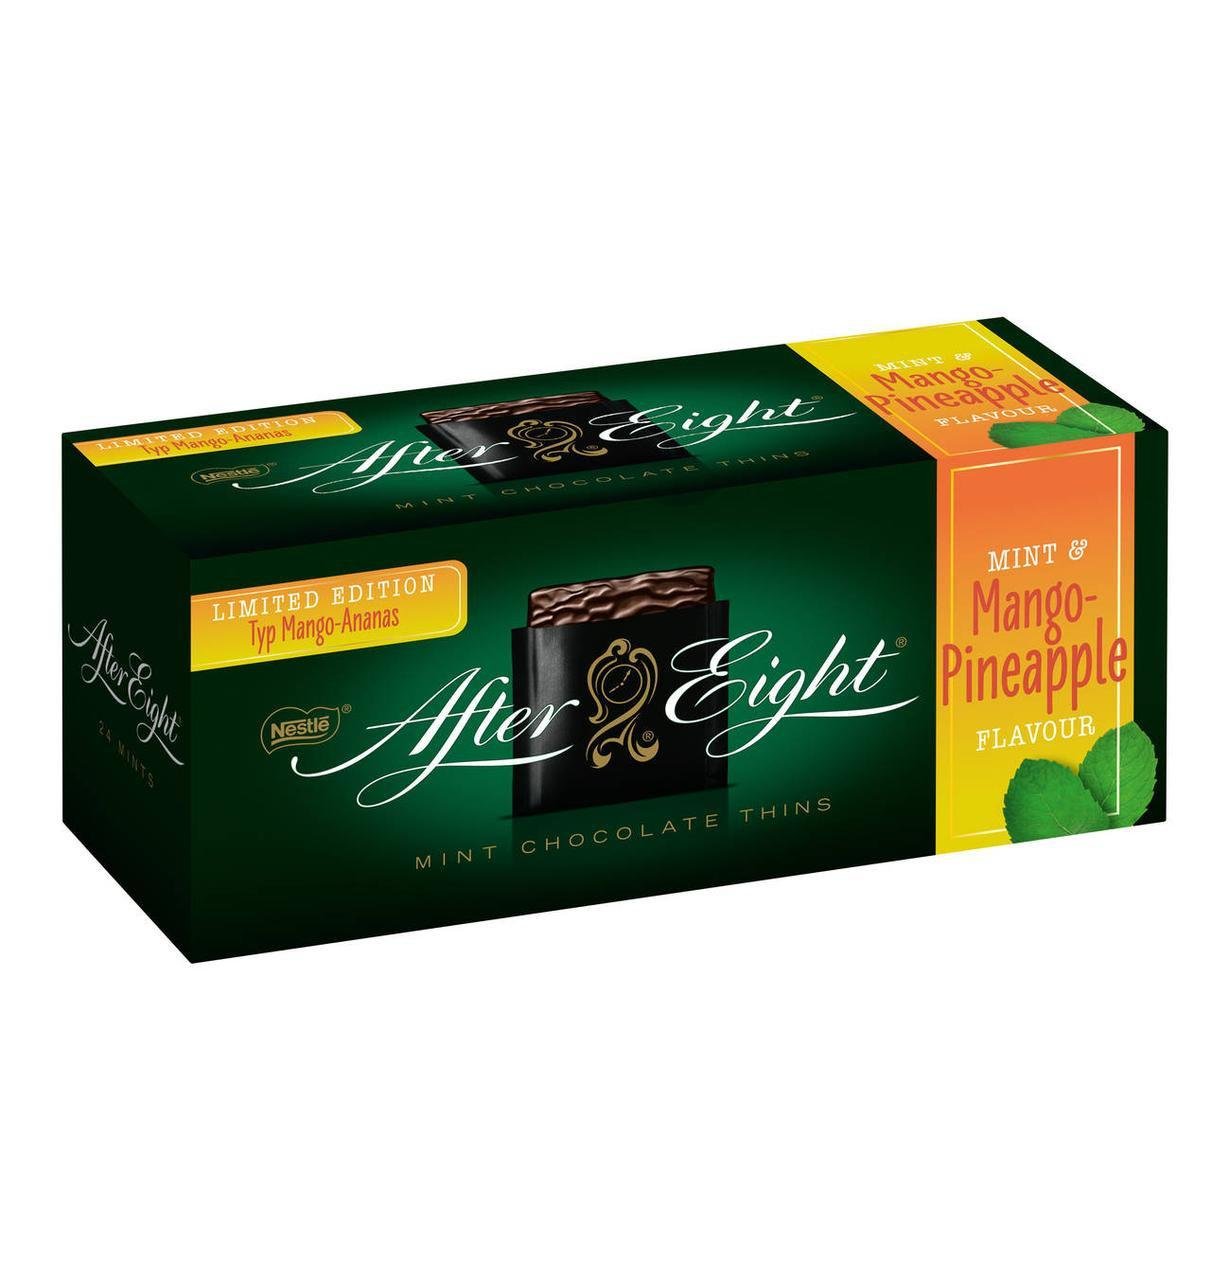 Шоколадные пластинки After Eight Mango-Pineapple 200 g